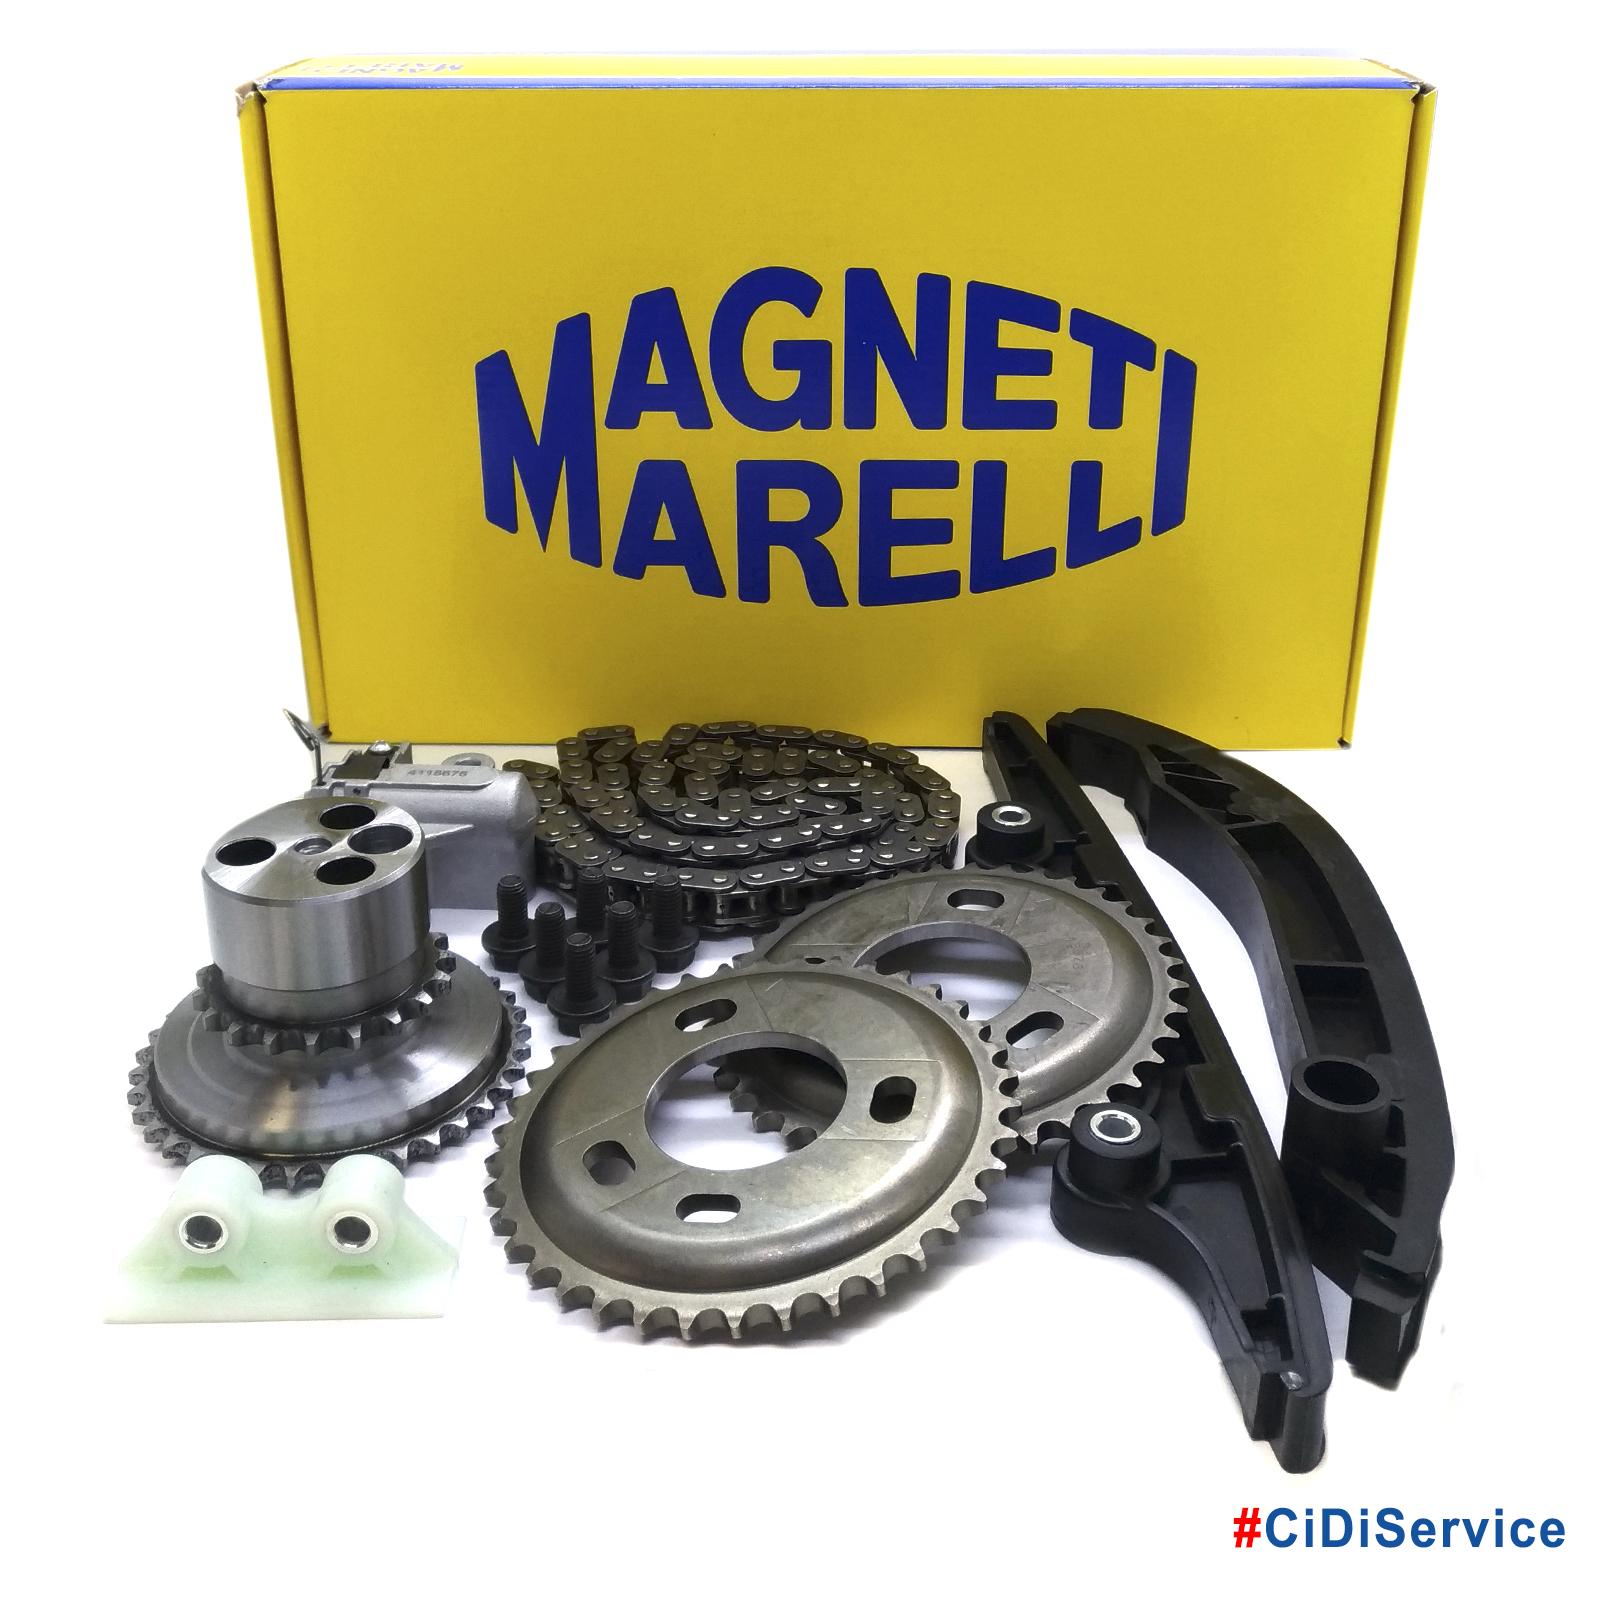 Kit Catena Distribuzione Magneti Marelli Fiat Ducato ...